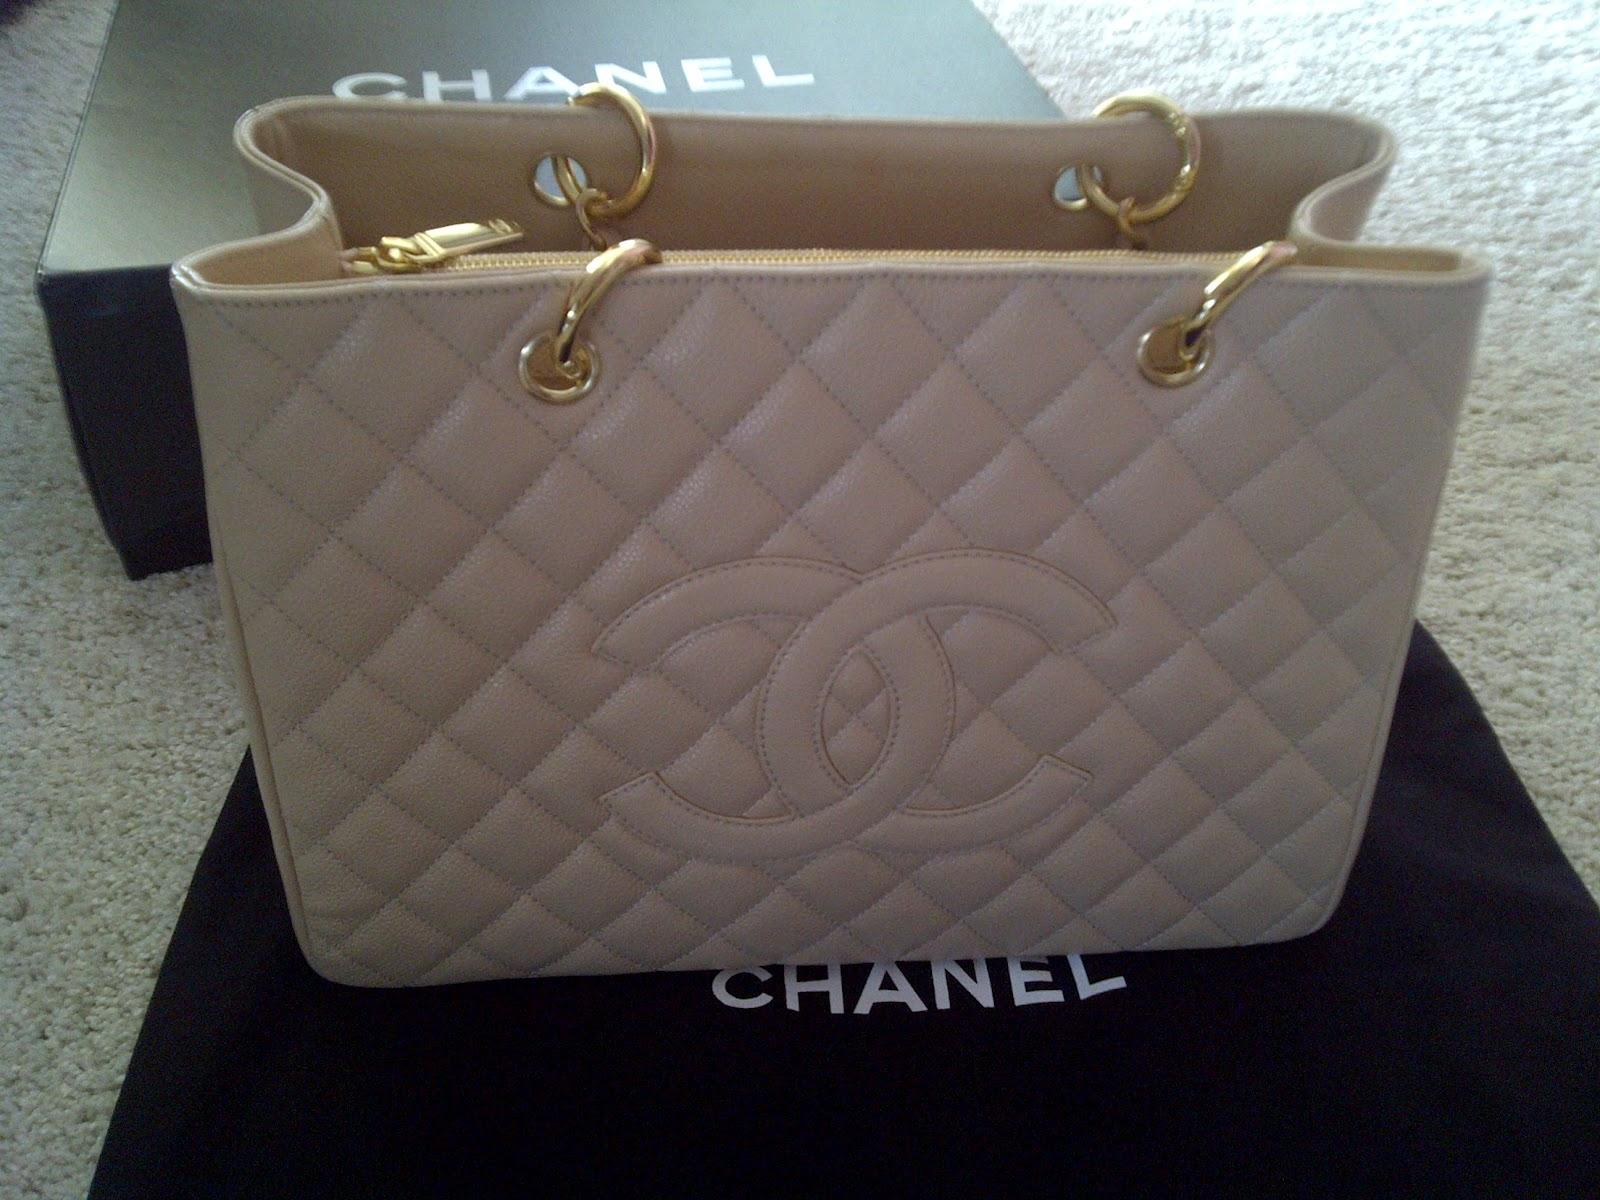 0a87891a188 Chanel GST Caviar Beige GHW | florencecloset.blogspot.com